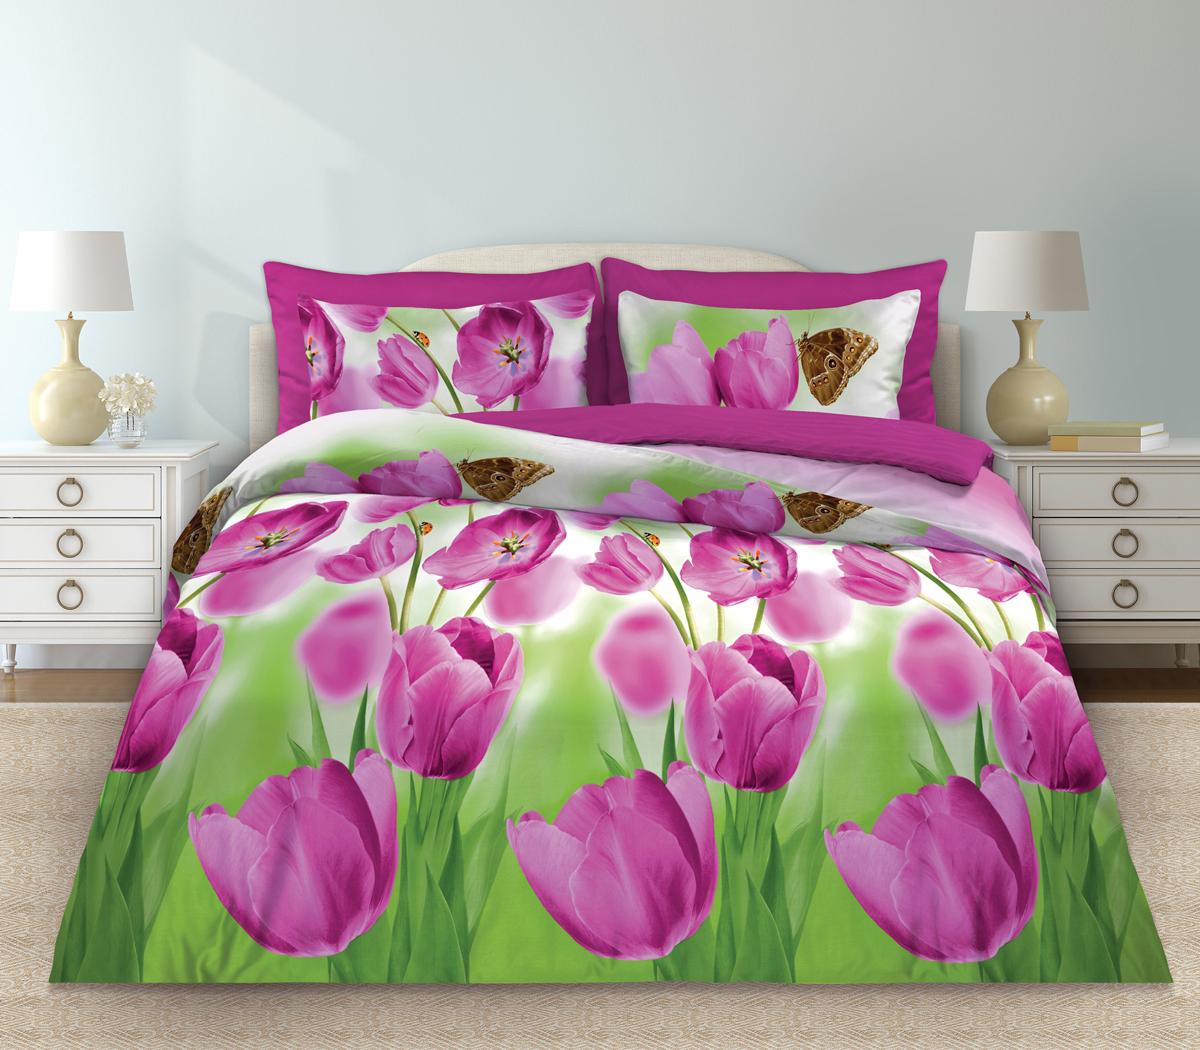 Комплект белья Любимый дом Май, 1,5 спальное, наволочки 70 х 70, цвет: розовый. 331096331096Комплект постельного белья коллекции «Любимый дом» - выполнен из высококачественной ткани из 100% хлопка. Такое белье абсолютно натуральное, гипоаллергенное, соответствует строжайшим экологическим нормам безопасности, комфортное, дышащее, не нарушает естественные процессы терморегуляции, прочное, не линяет, не деформируется и не теряет своих красок даже после многочисленных стирок, а также отличается хорошей износостойкостью.